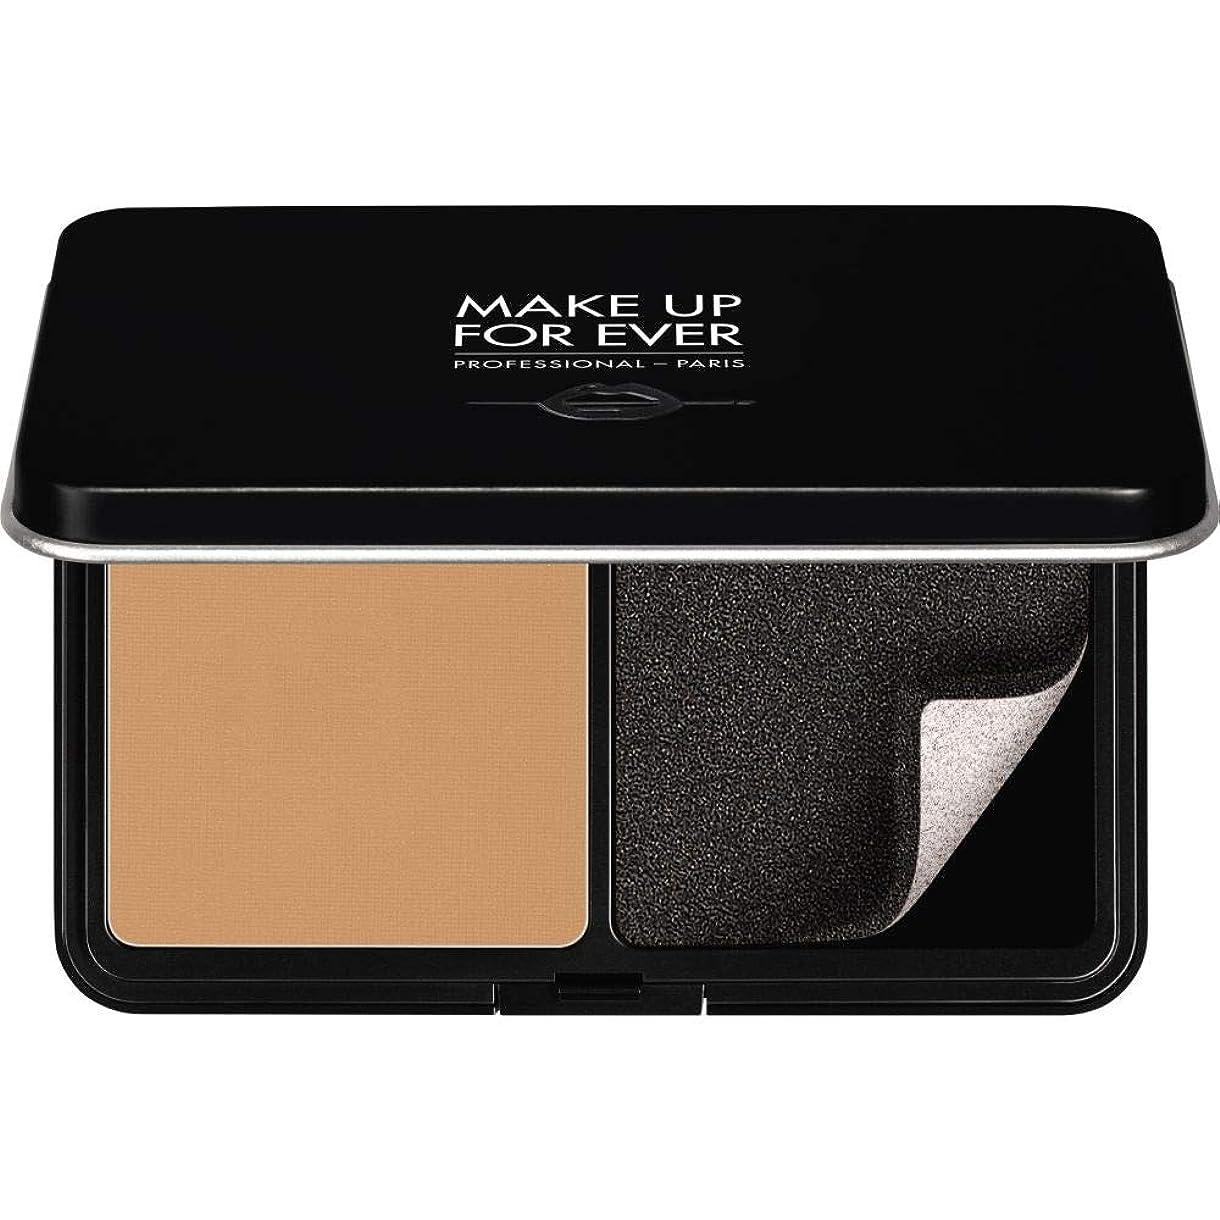 パス懺悔程度[MAKE UP FOR EVER ] パウダーファンデーション11GののY365をぼかし、これまでマットベルベットの肌を補う - 砂漠 - MAKE UP FOR EVER Matte Velvet Skin Blurring Powder Foundation 11g Y365 - Desert [並行輸入品]